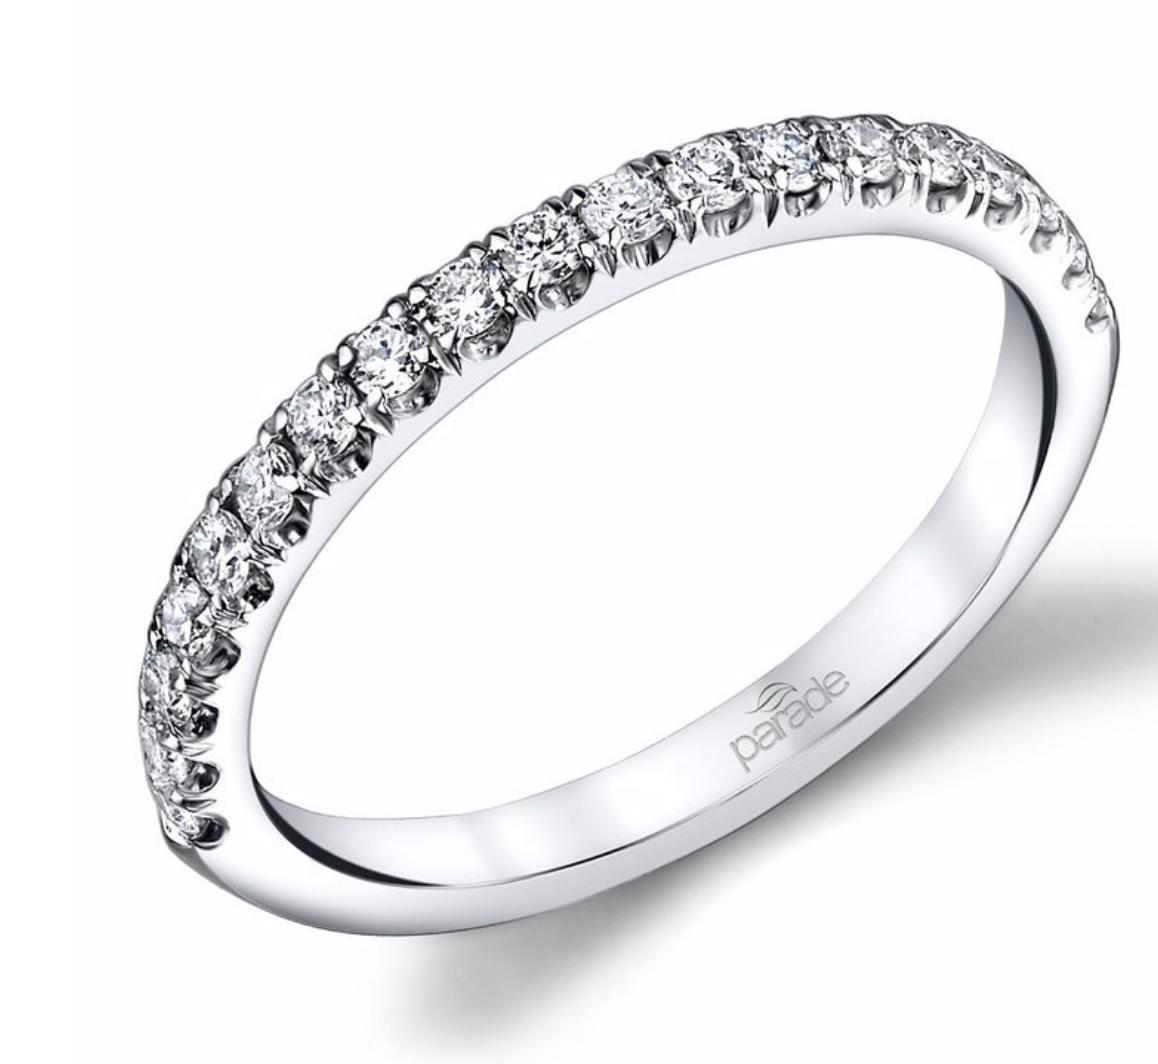 Ювелірні вироби з діамантами на замовлення, фото-29